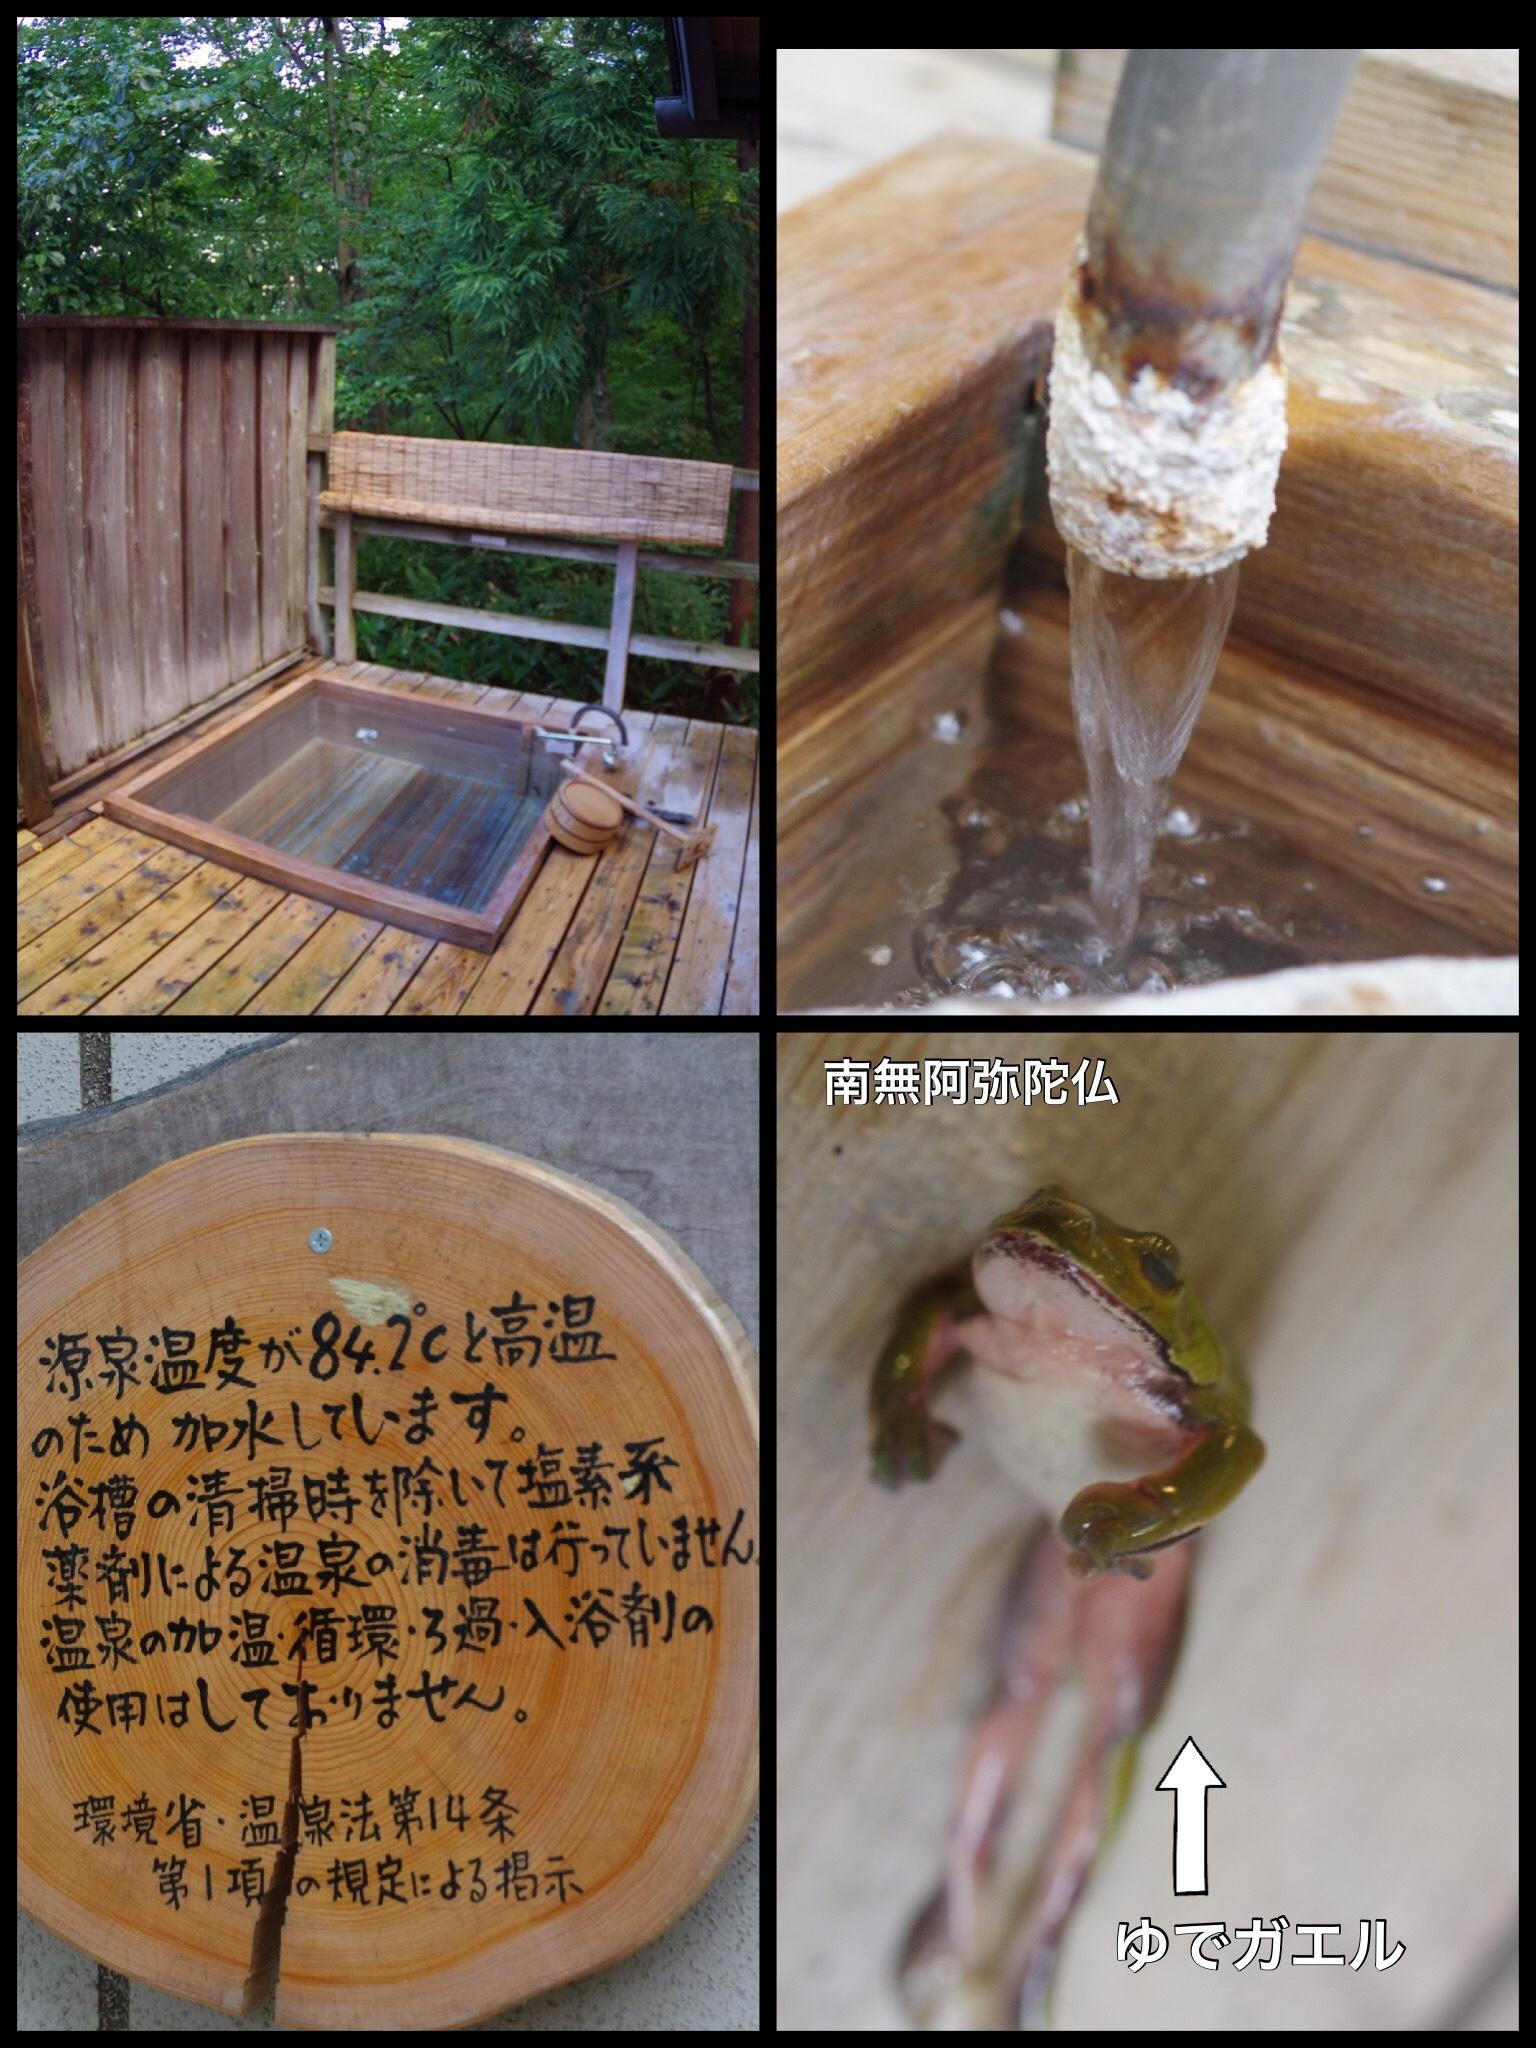 宮城 遠刈田温泉 だいこんの花 露天風呂